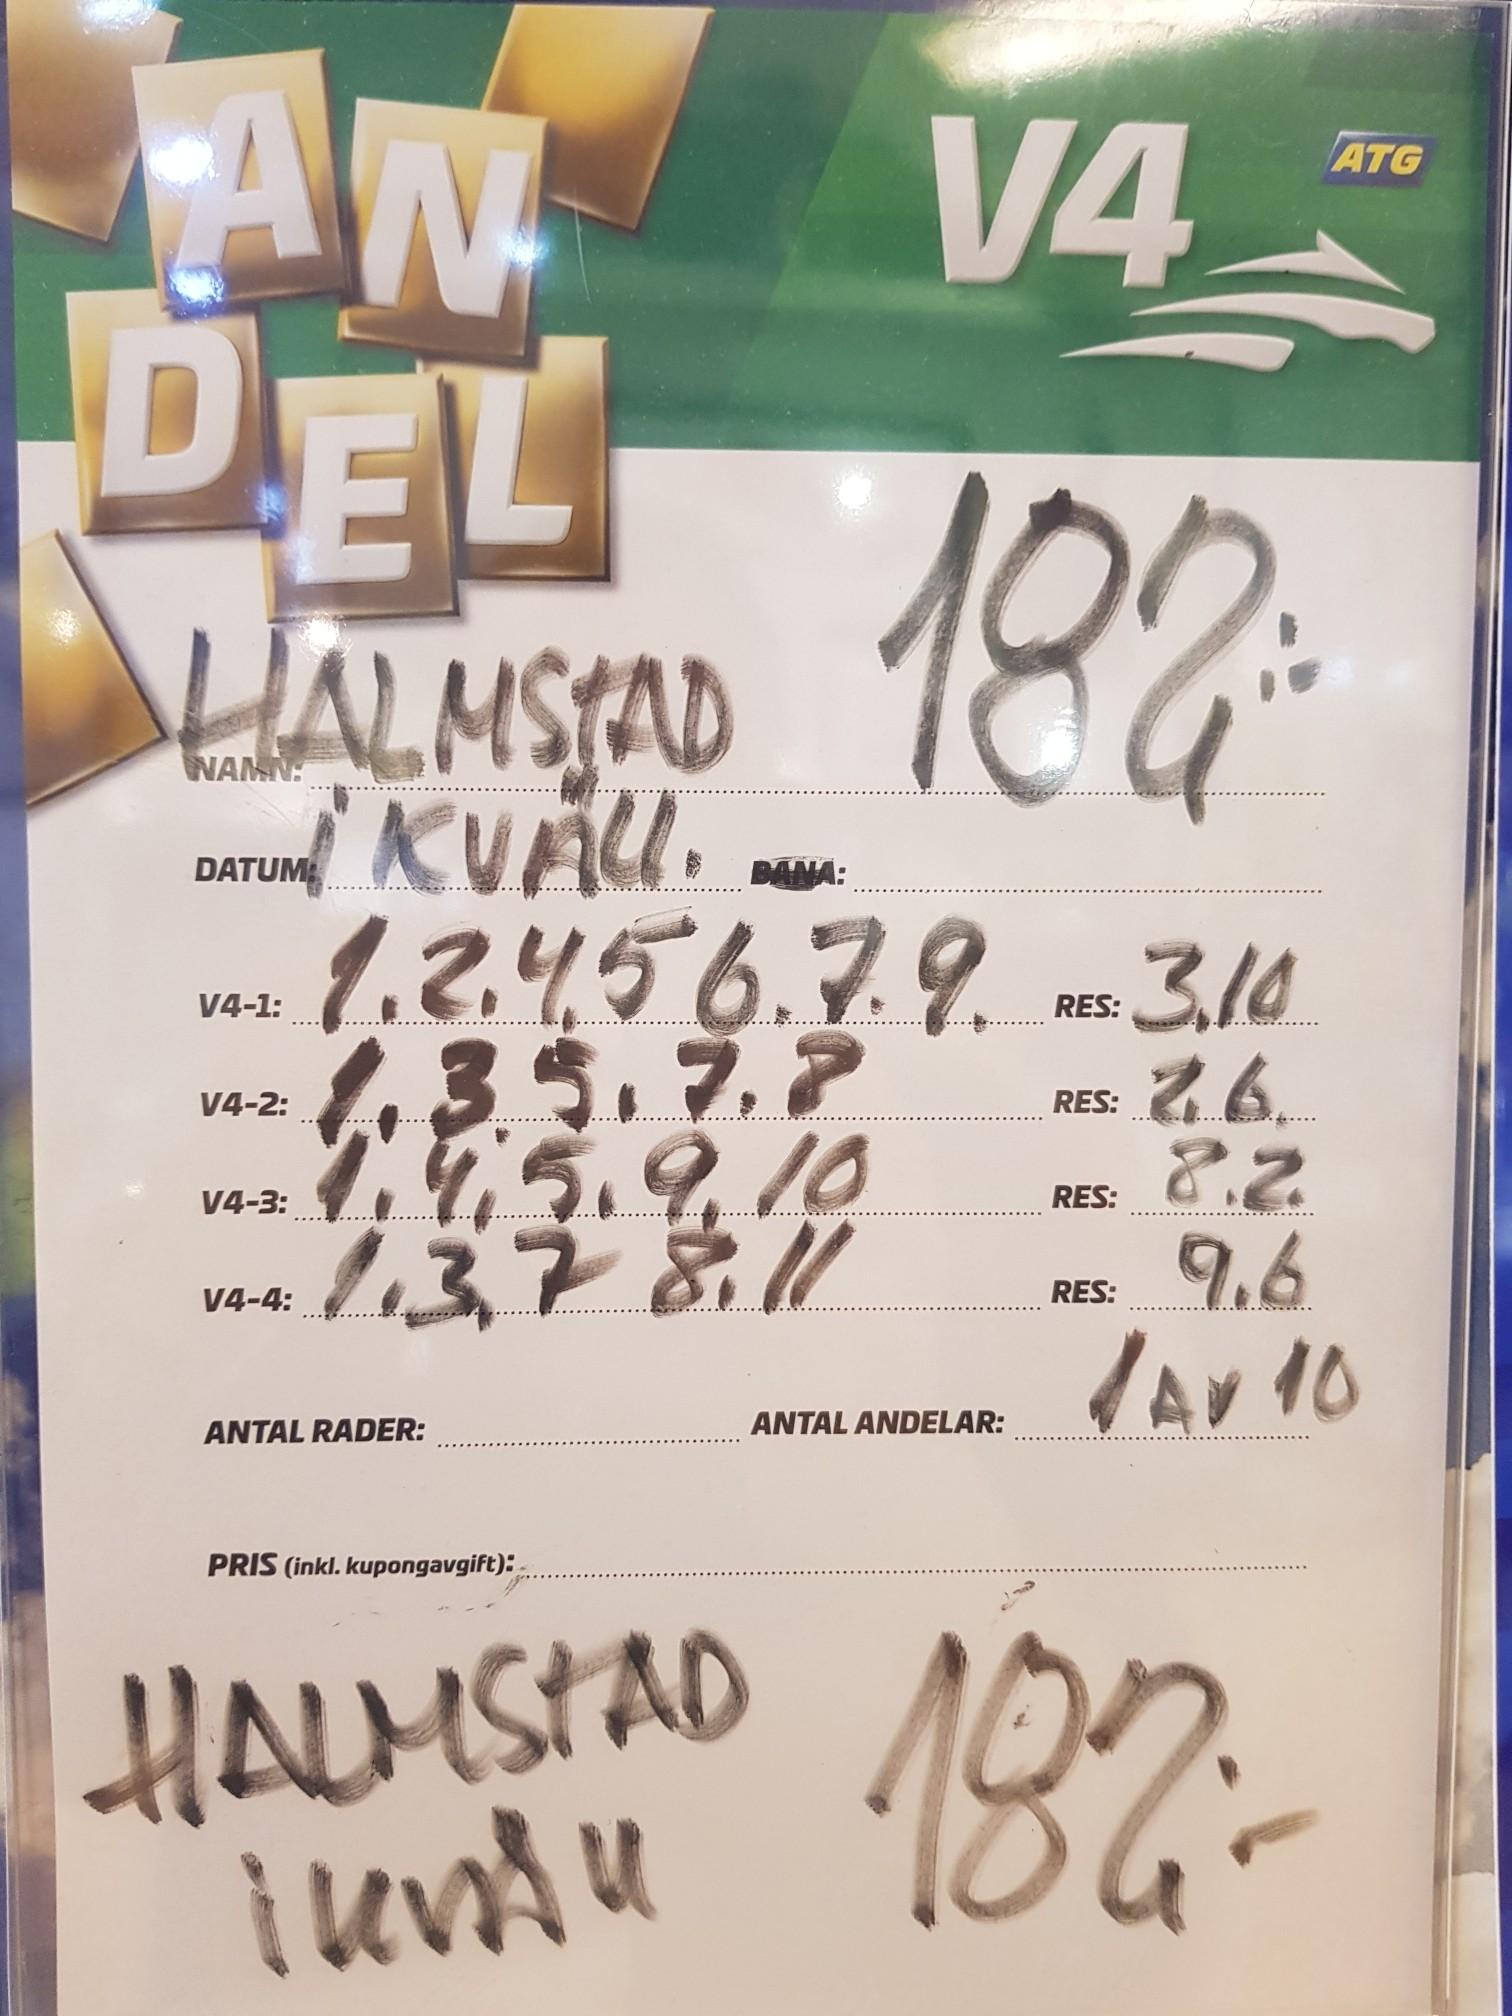 grönlands sydligaste udde utbildning till personlig tränare linköping  jackpot - halmstadtravet! 50c305a4d0c1a